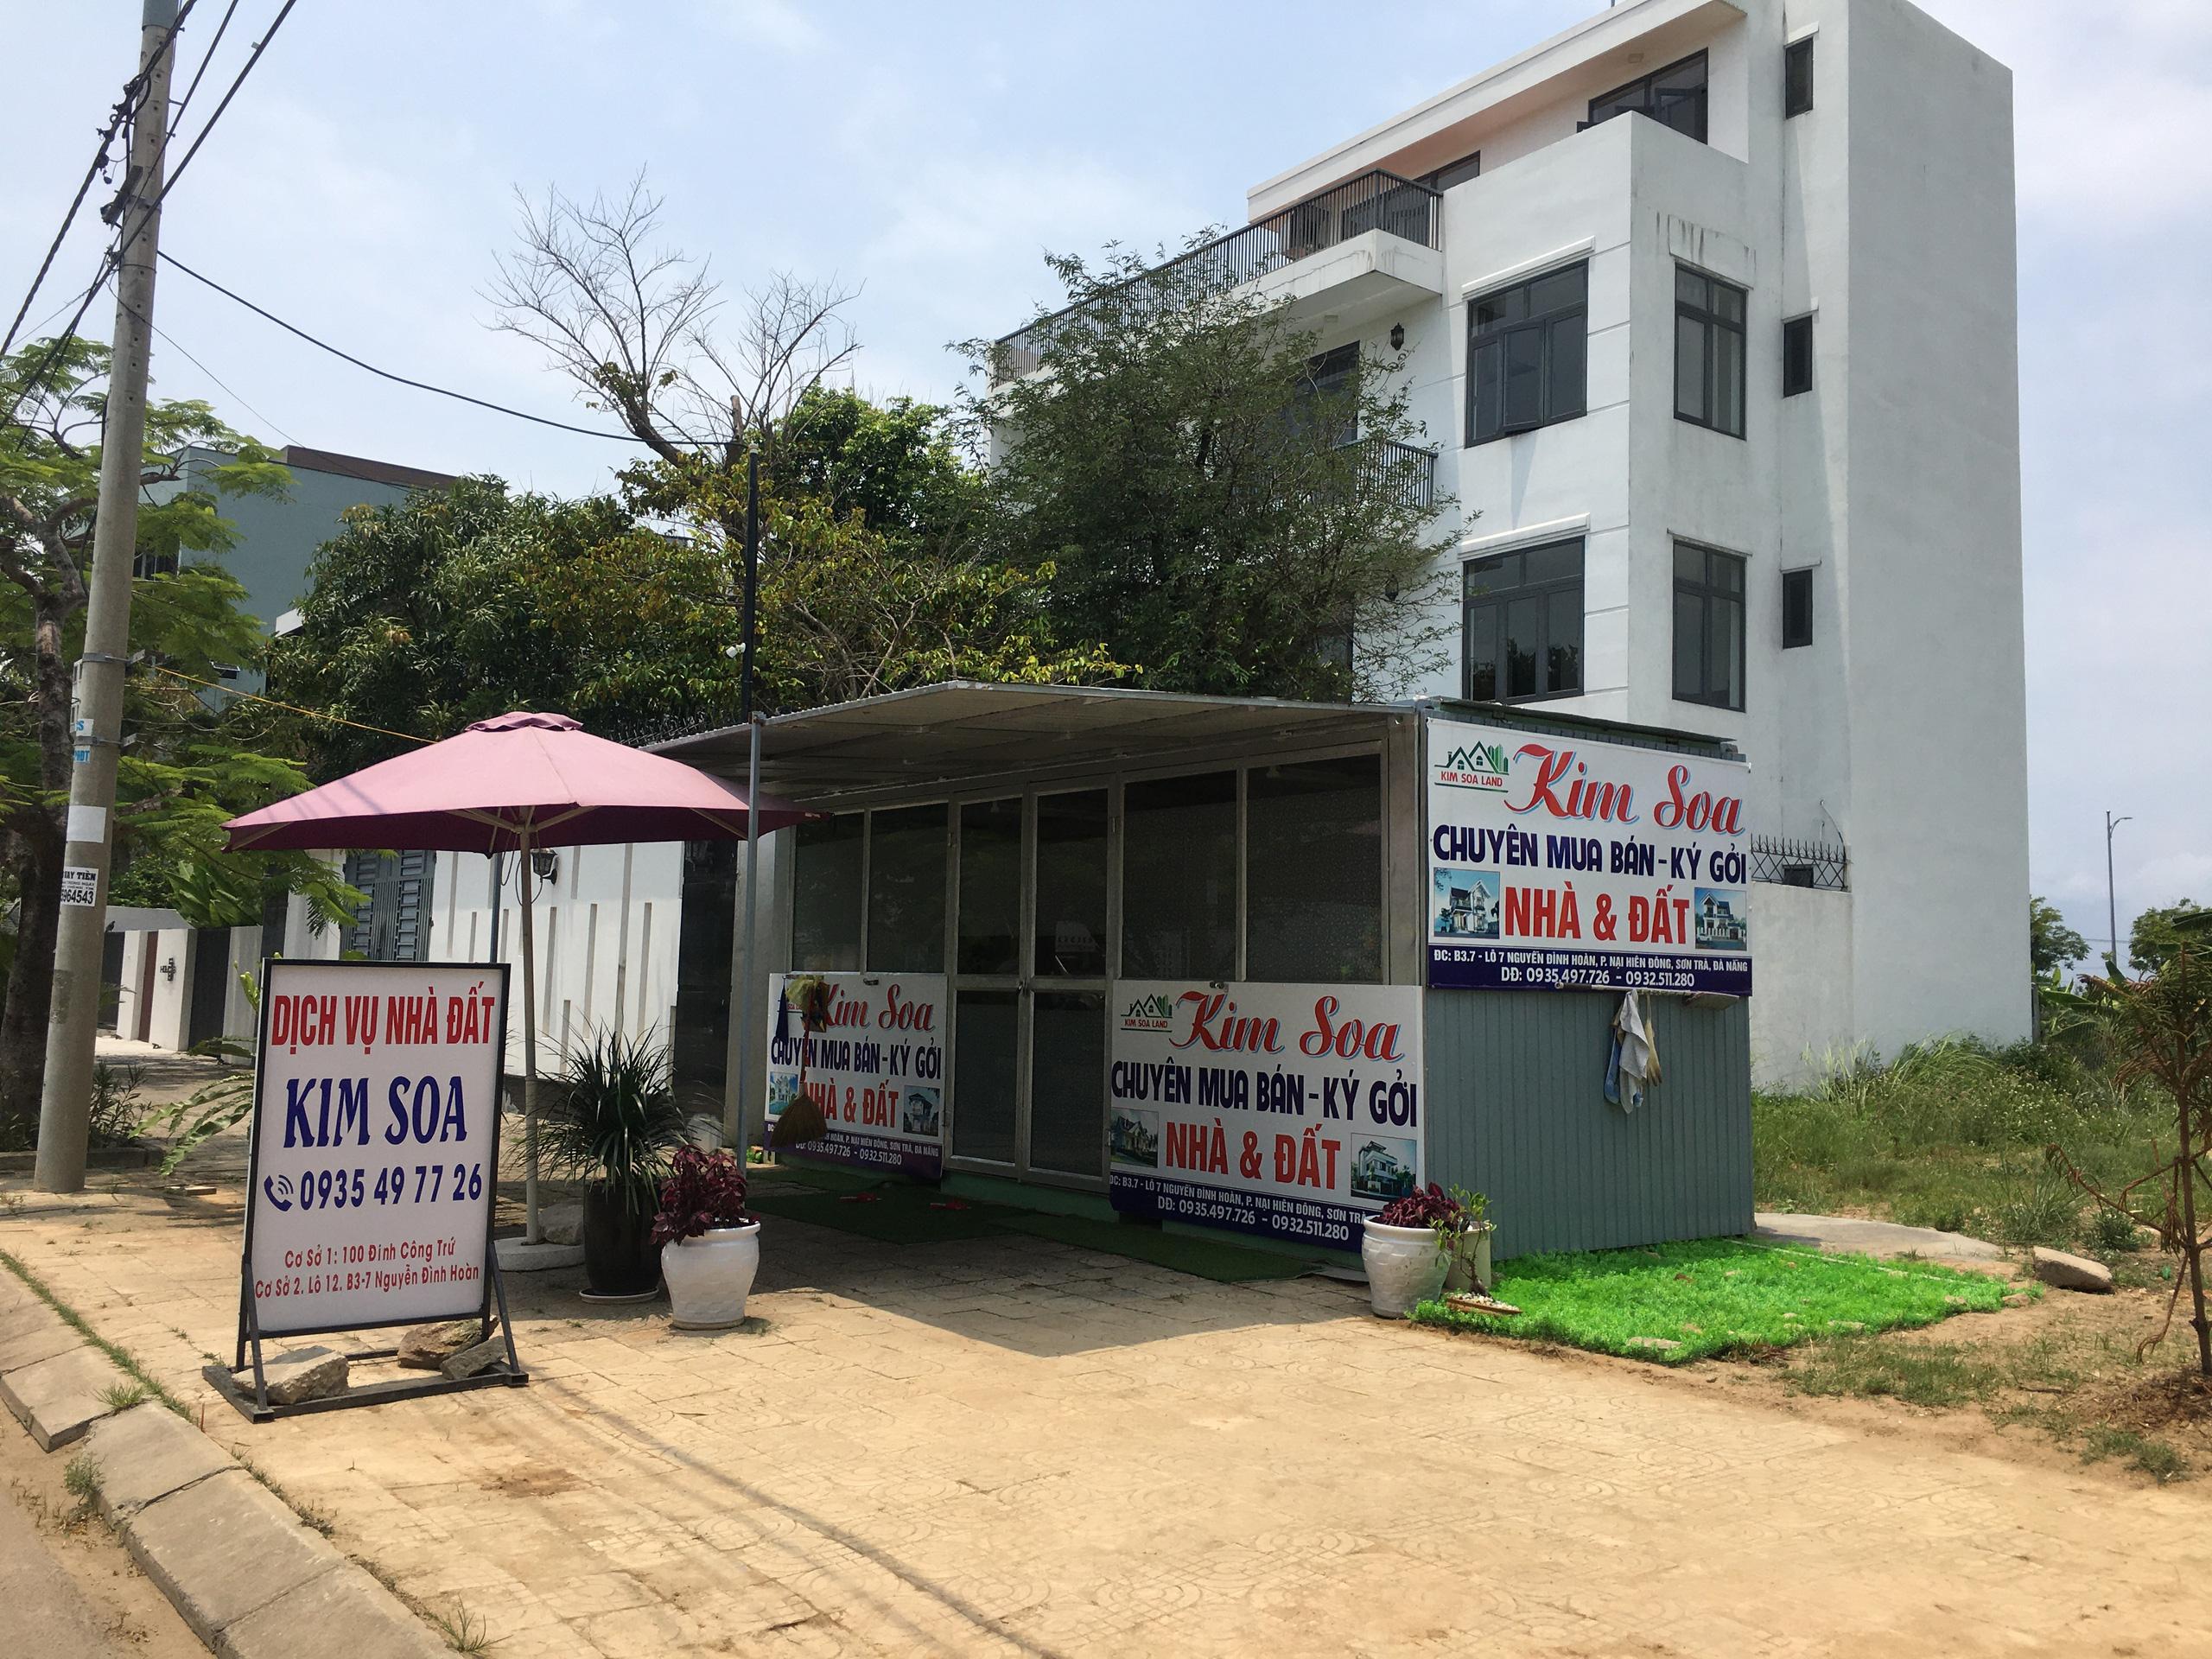 Môi giới Đà Nẵng dựng hàng loạt ki ốt không phép để kinh doanh khi cơn sốt đất diễn ra khắp nơi - Ảnh 7.